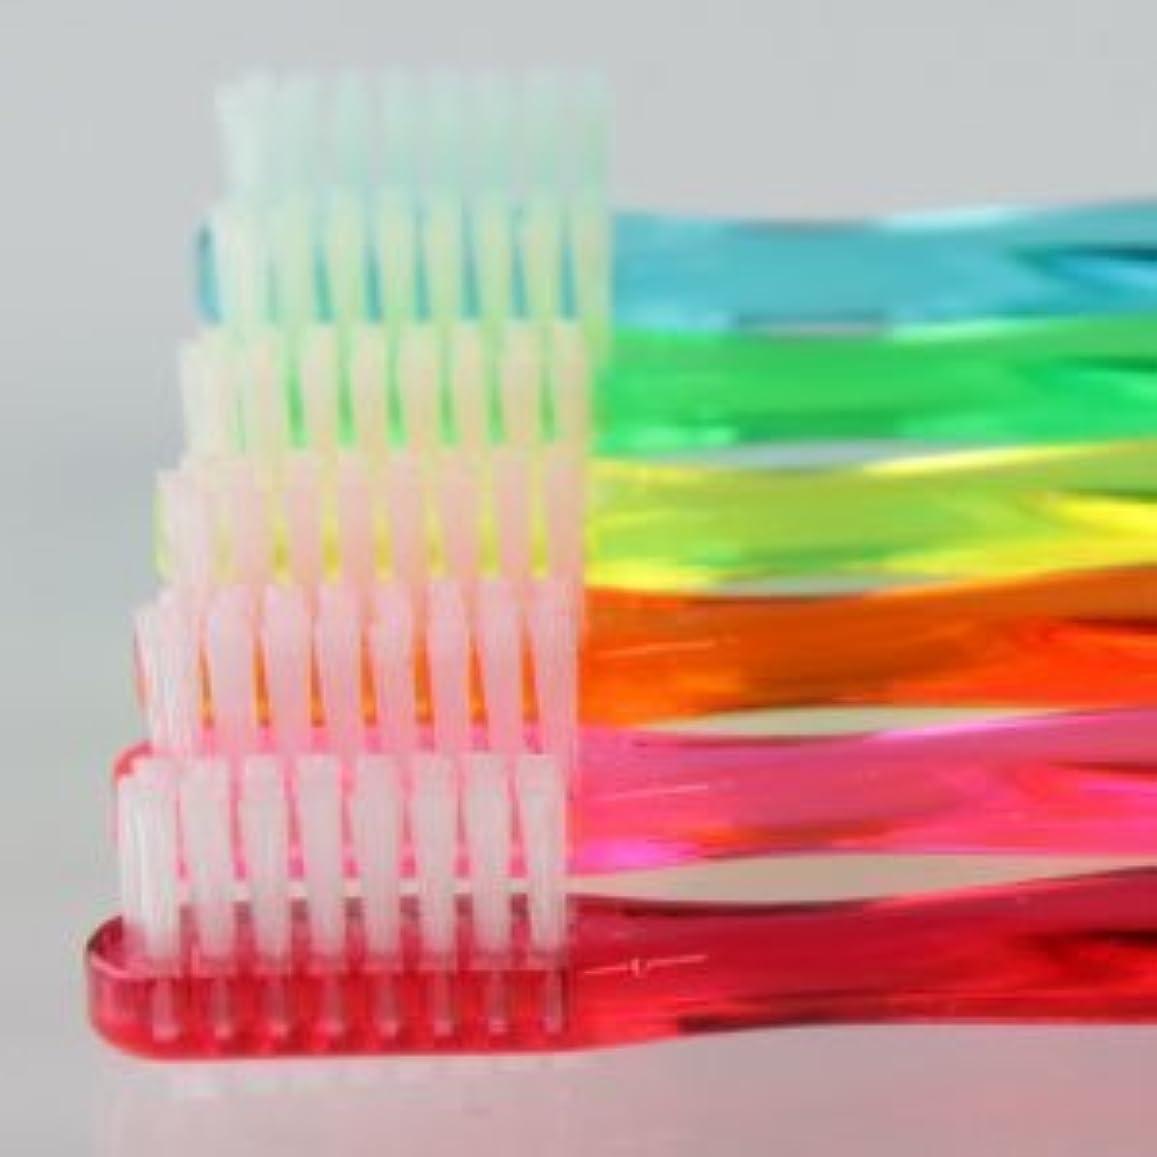 グラフィックきれいにコンパスサムフレンド 歯ブラシ #11(乳歯?永久歯の混合歯列期向け) 6本 ※お色は当店お任せです